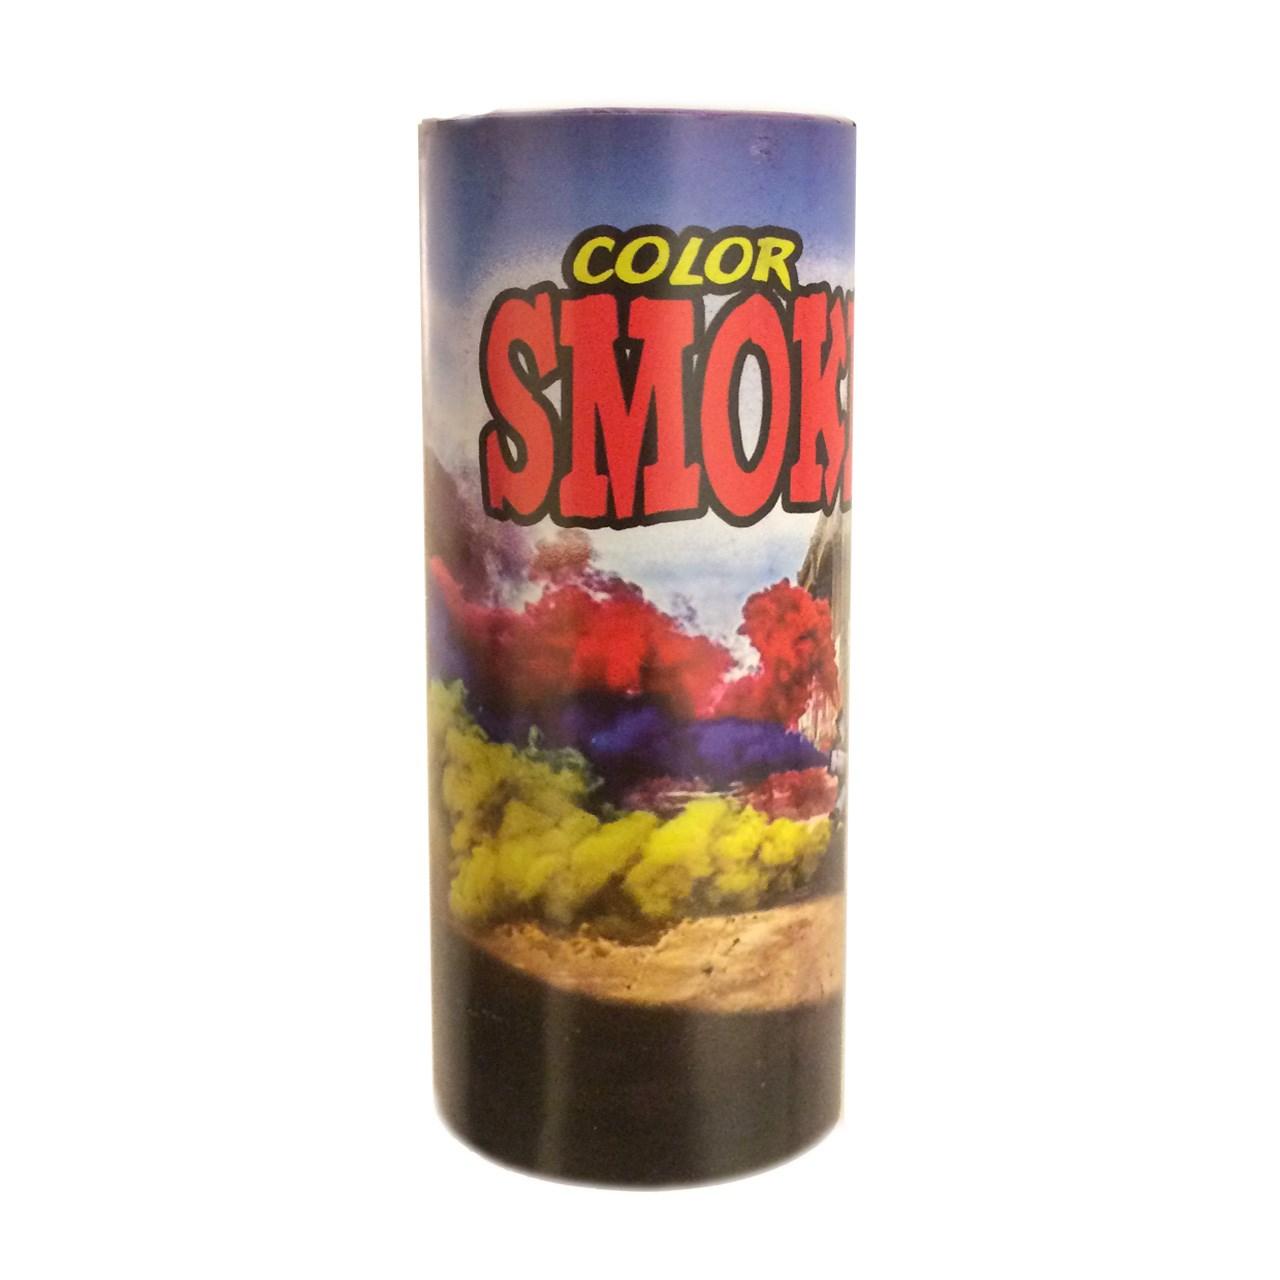 عکس دود رنگی بانیبو مدل Color Smoke